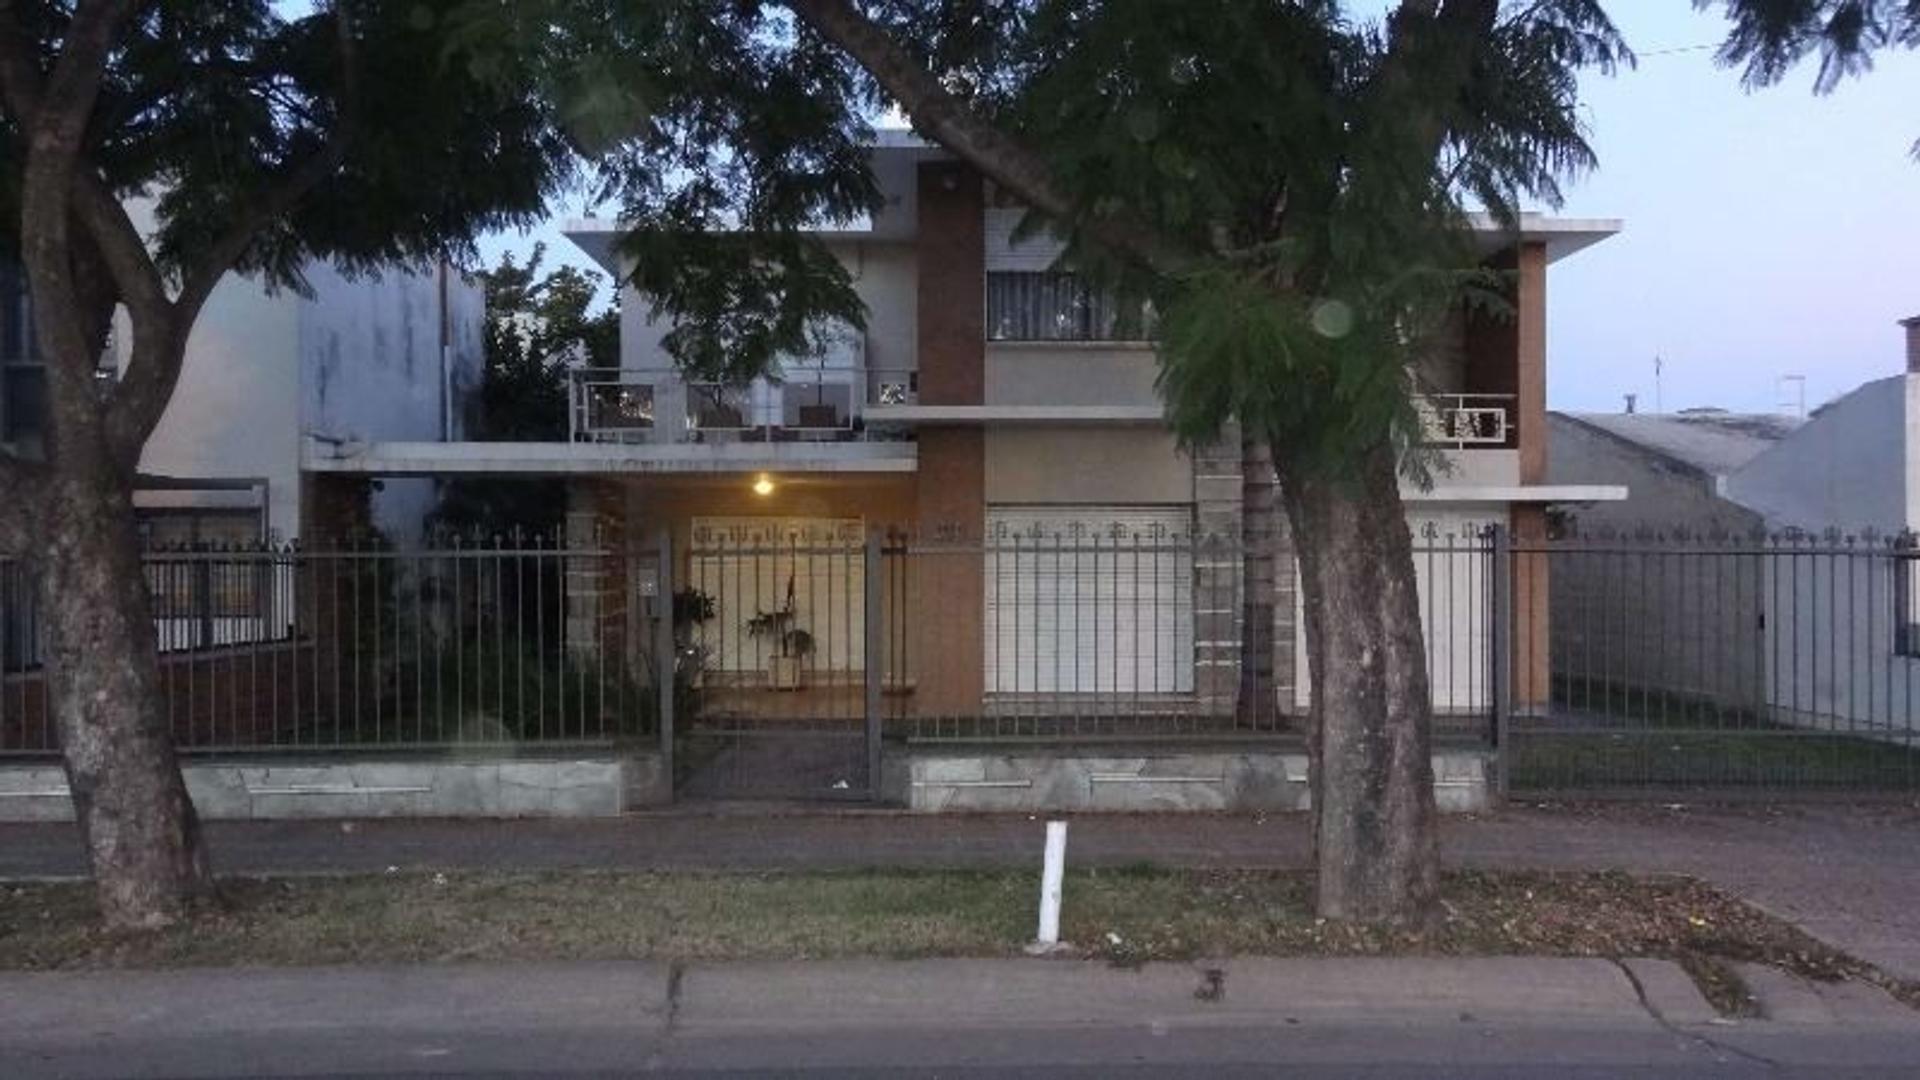 Impecable casa en la Ciudad de Córdoba. Excelente ubicación.